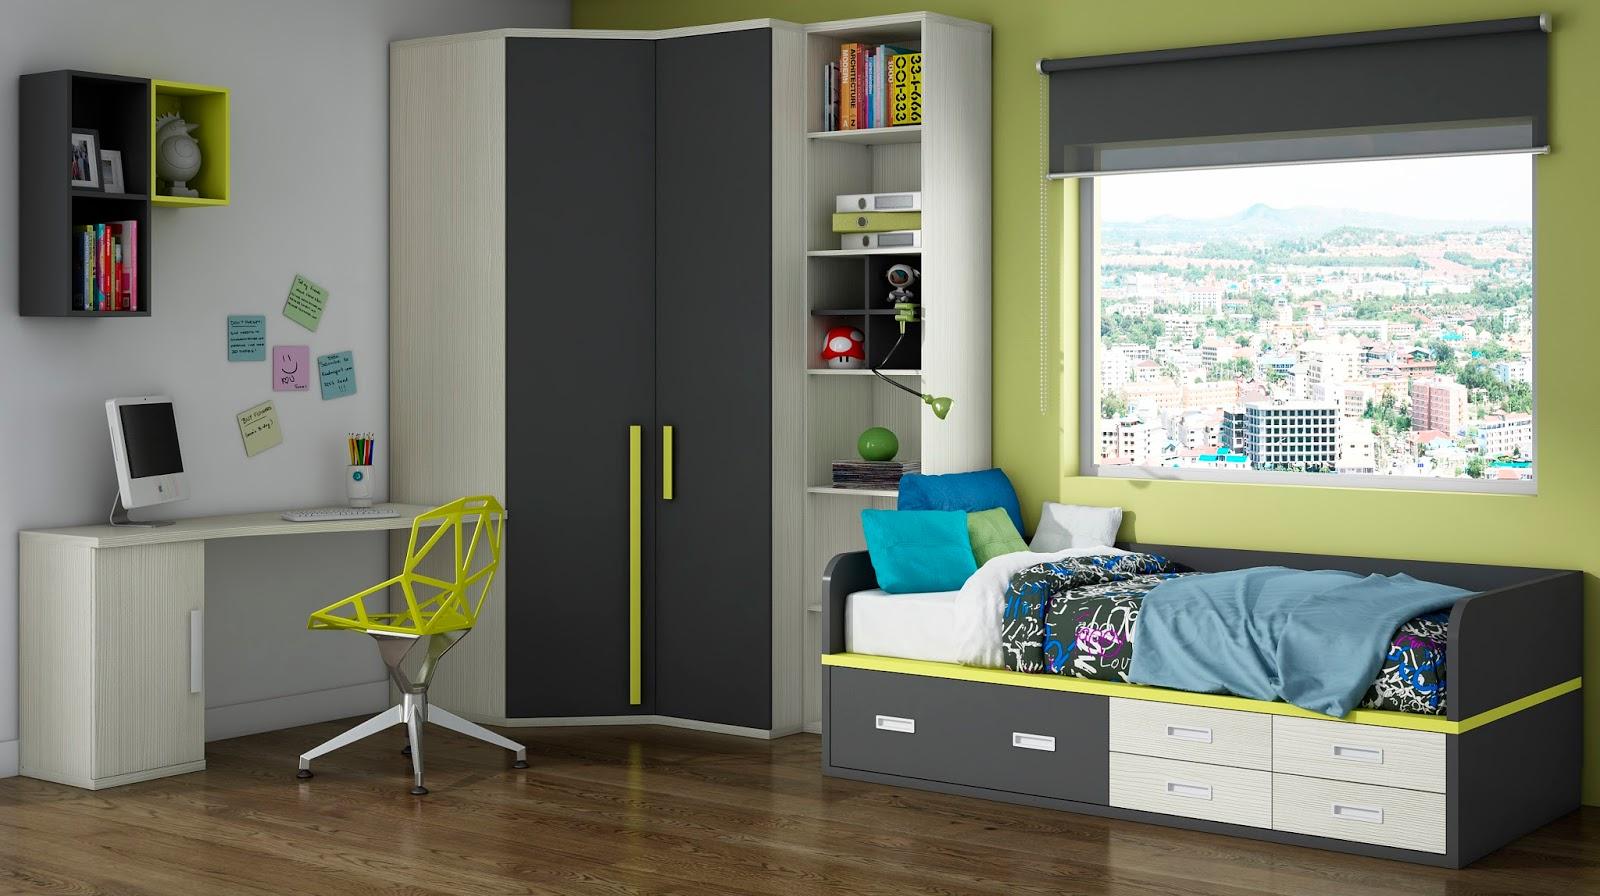 Tiendas De Muebles Castellon Best Affordable Muebles De Cocina De  # Muebles Naluna Castellon